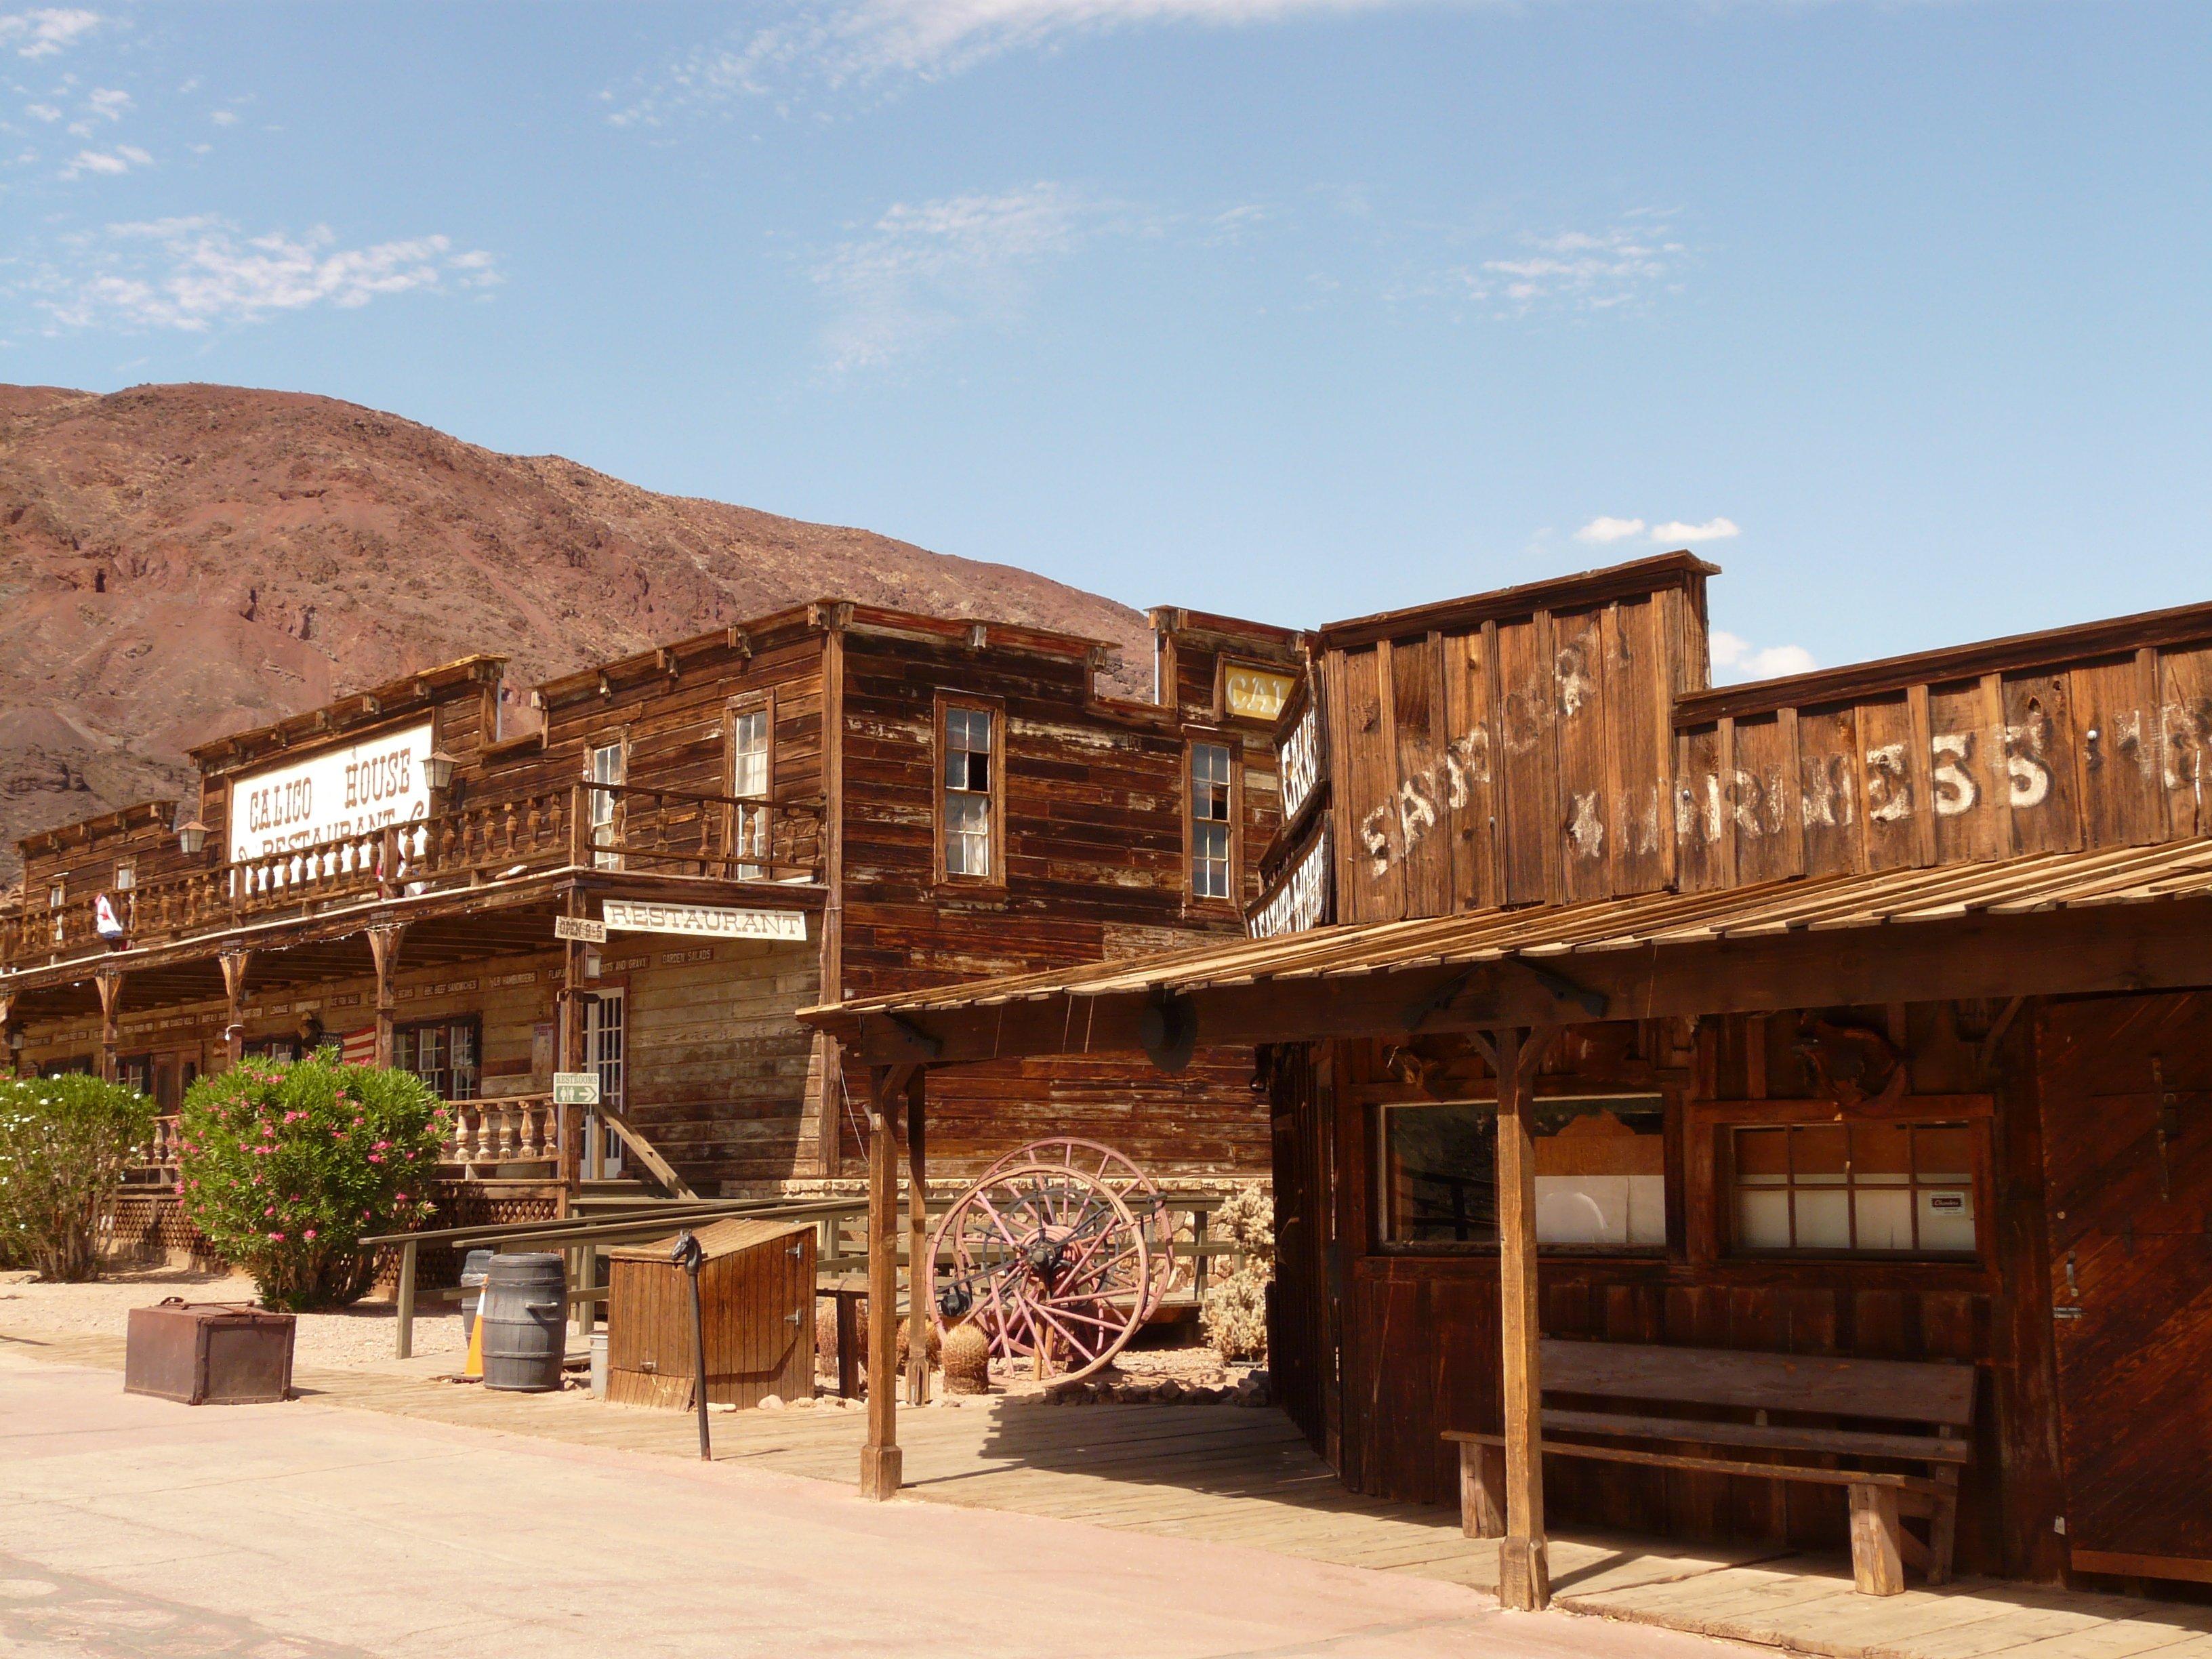 Maison en californie trendy location vacances maison - Sublime maison blanche de la plage en californie ...